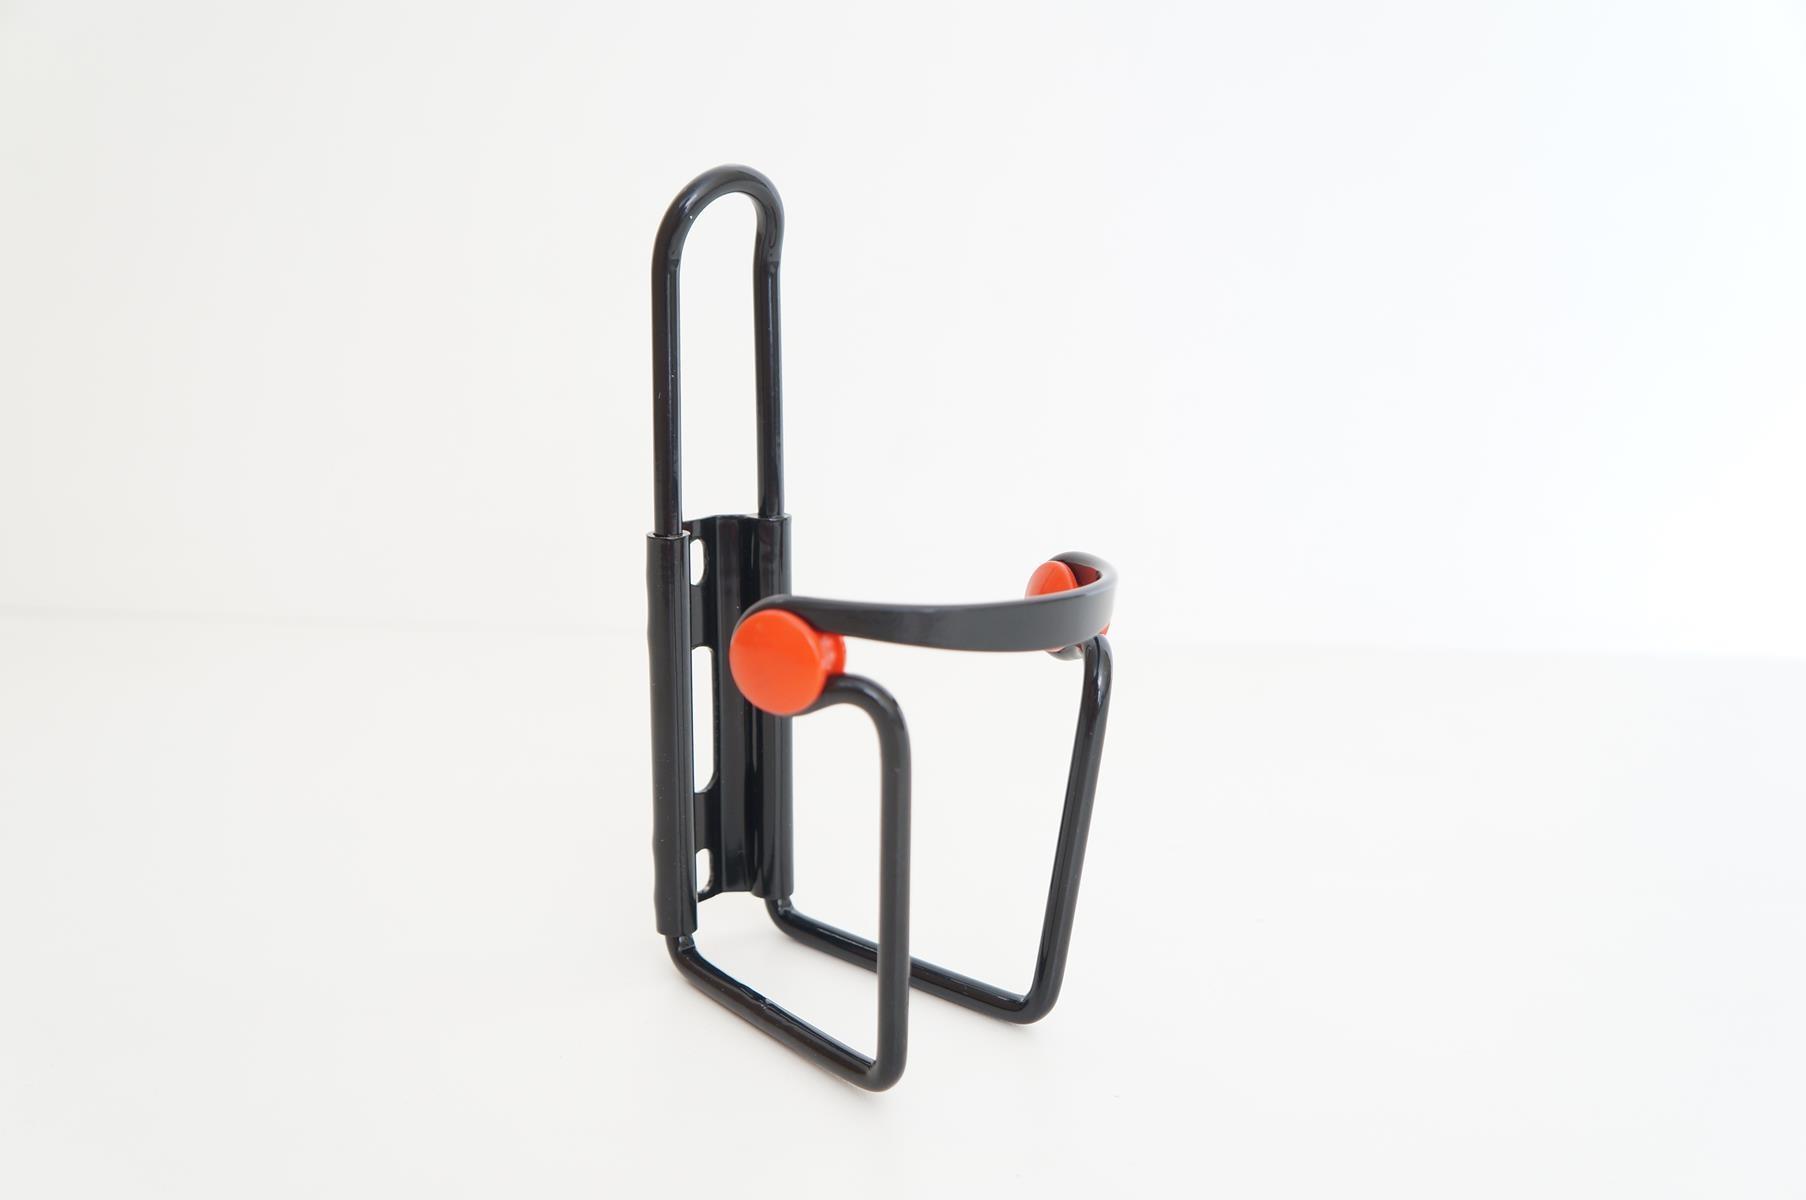 Kit Bicicleta MTB GTA 7 Peças Guidão Mesa Selim Canote Caixa Direção Abraçadeira e Suporte de Caramanhola